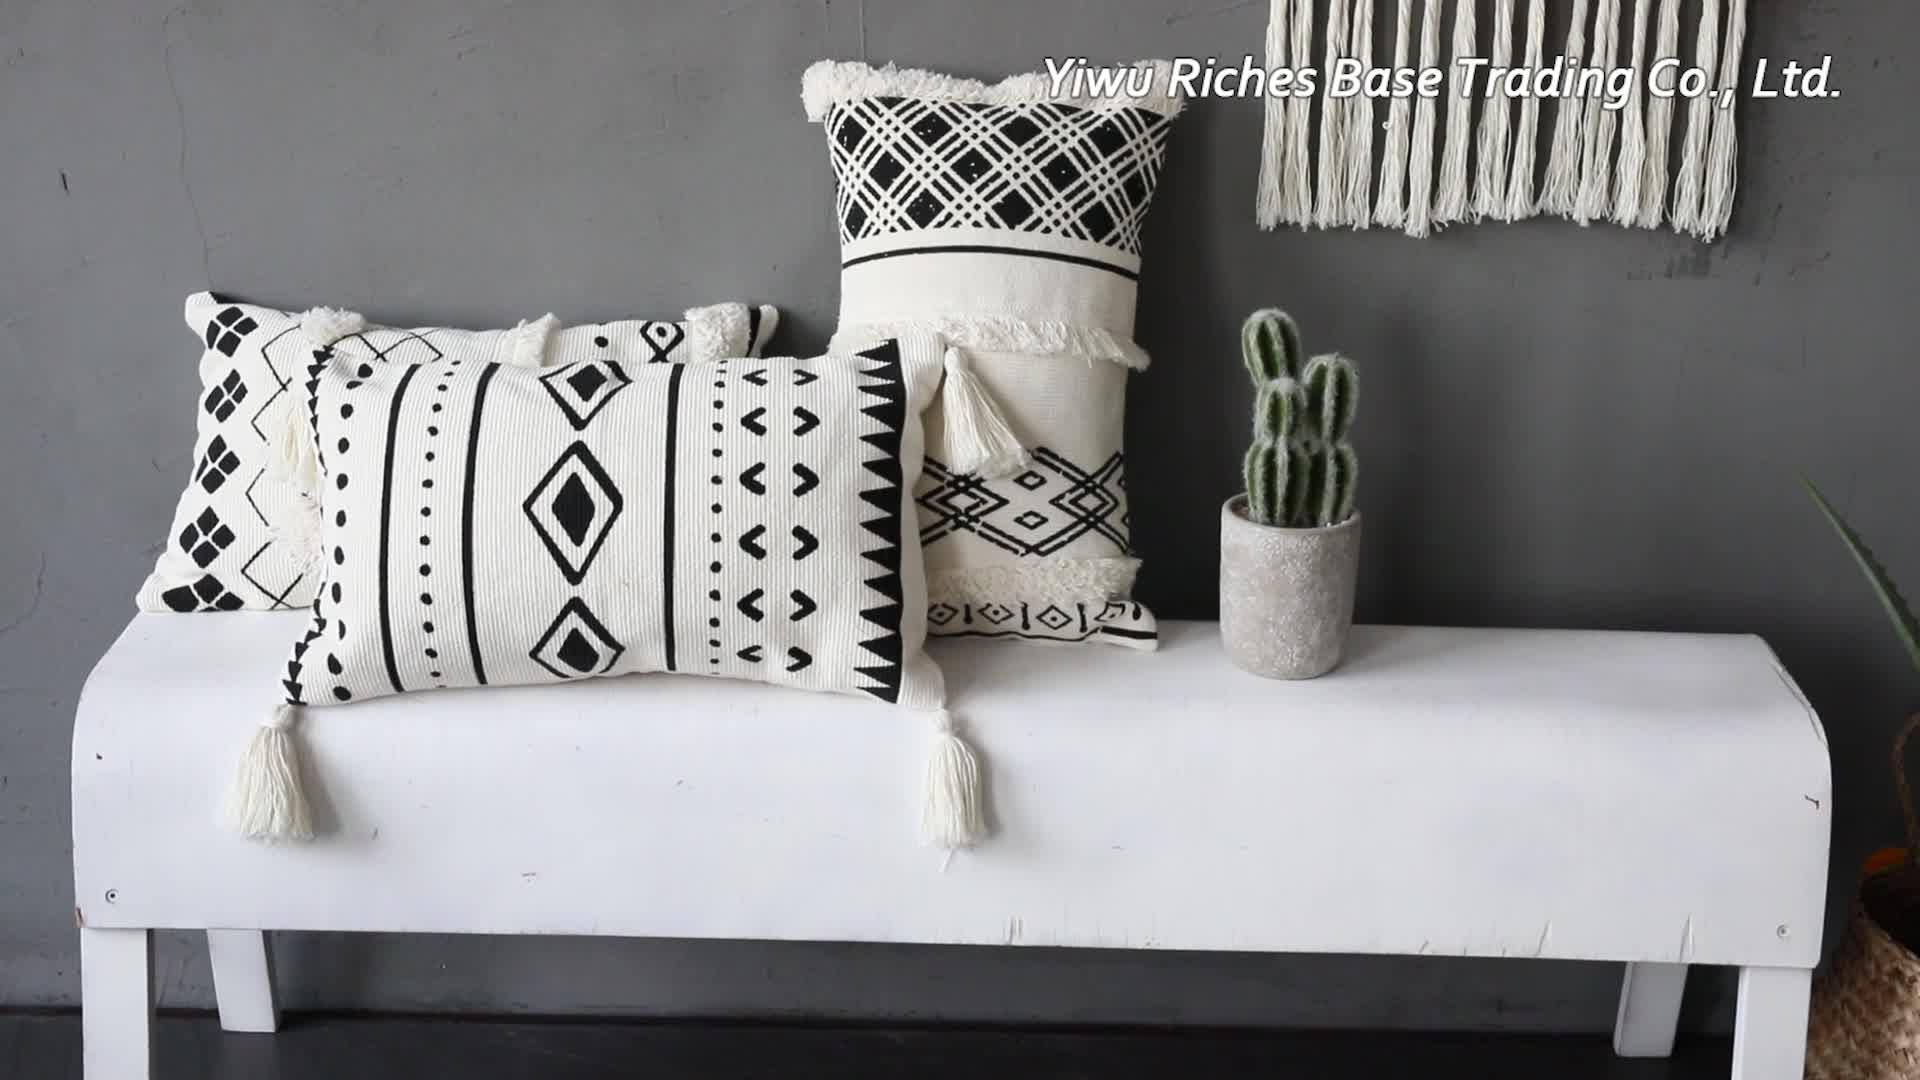 Style nordique Luxe Taie d'oreiller Impression Taille Oreillers Maison Décoratif Taie d'oreiller avec des glands